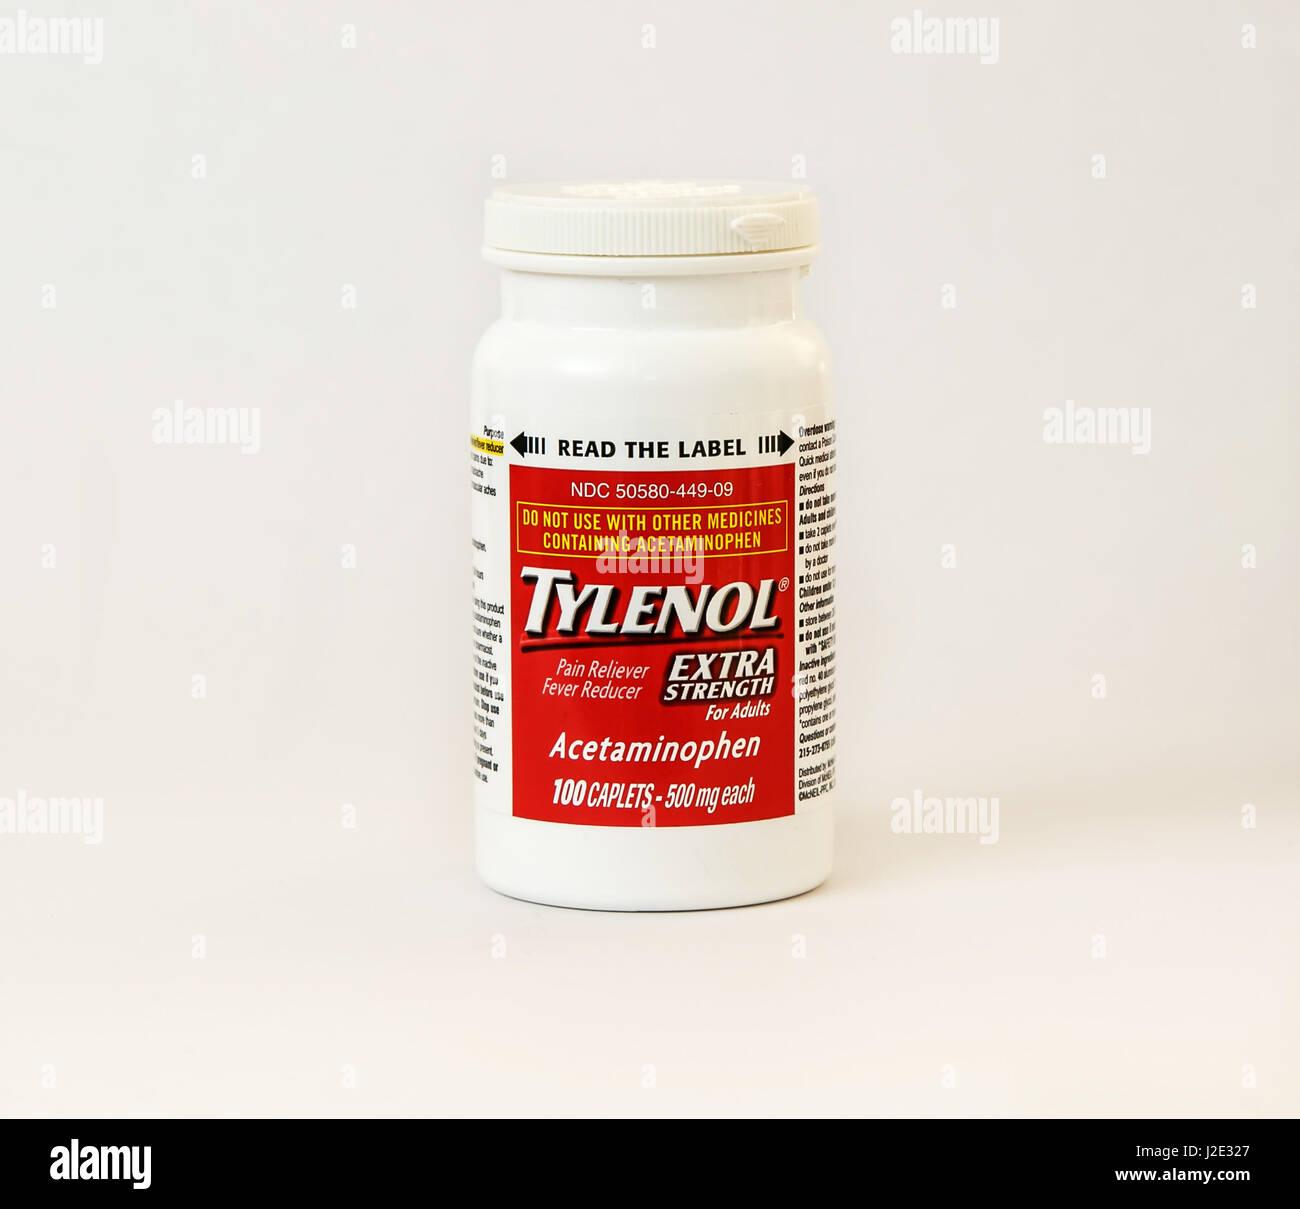 Tylenol 3 Ingredients